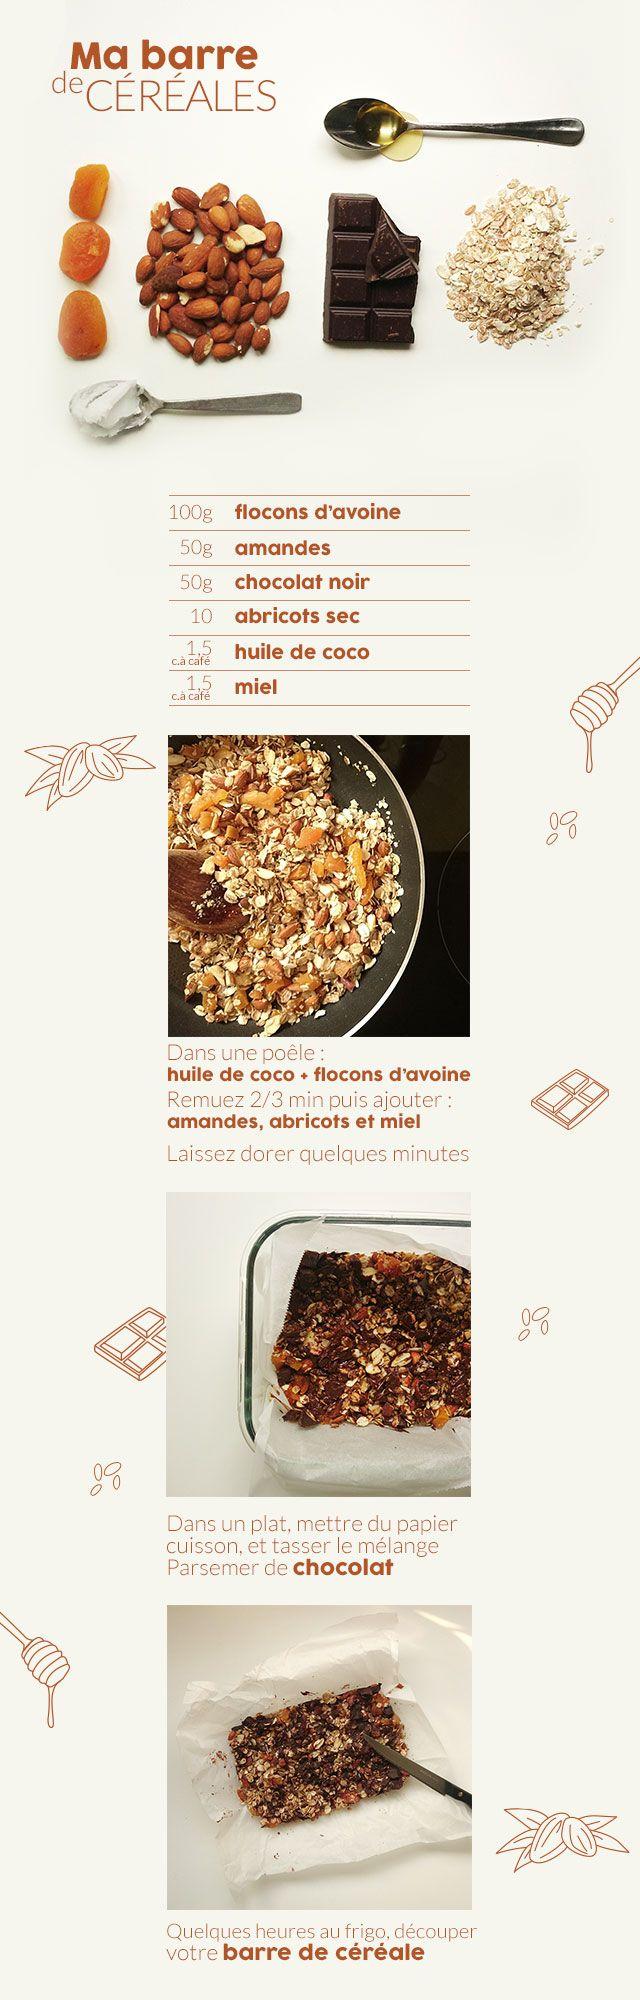 Faites le plein d'énergie avec des barres de céréale. Une recette gourmande et de l'inspiration pour vos goûters ou petits-déjeuners.